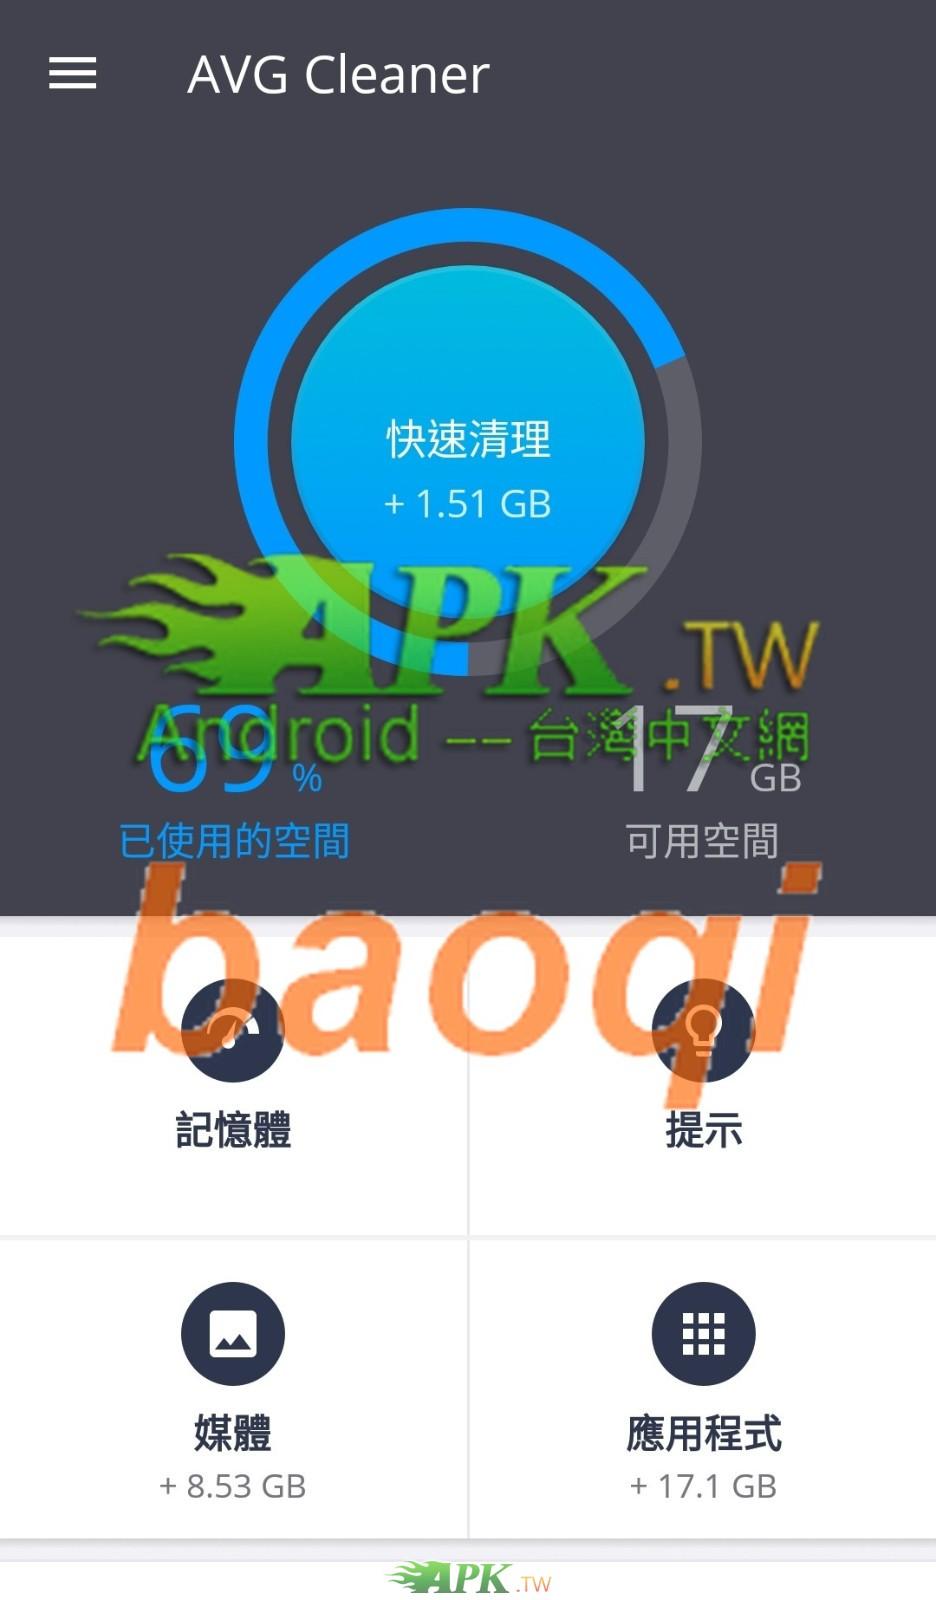 AVG_Cleaner__1_.jpg